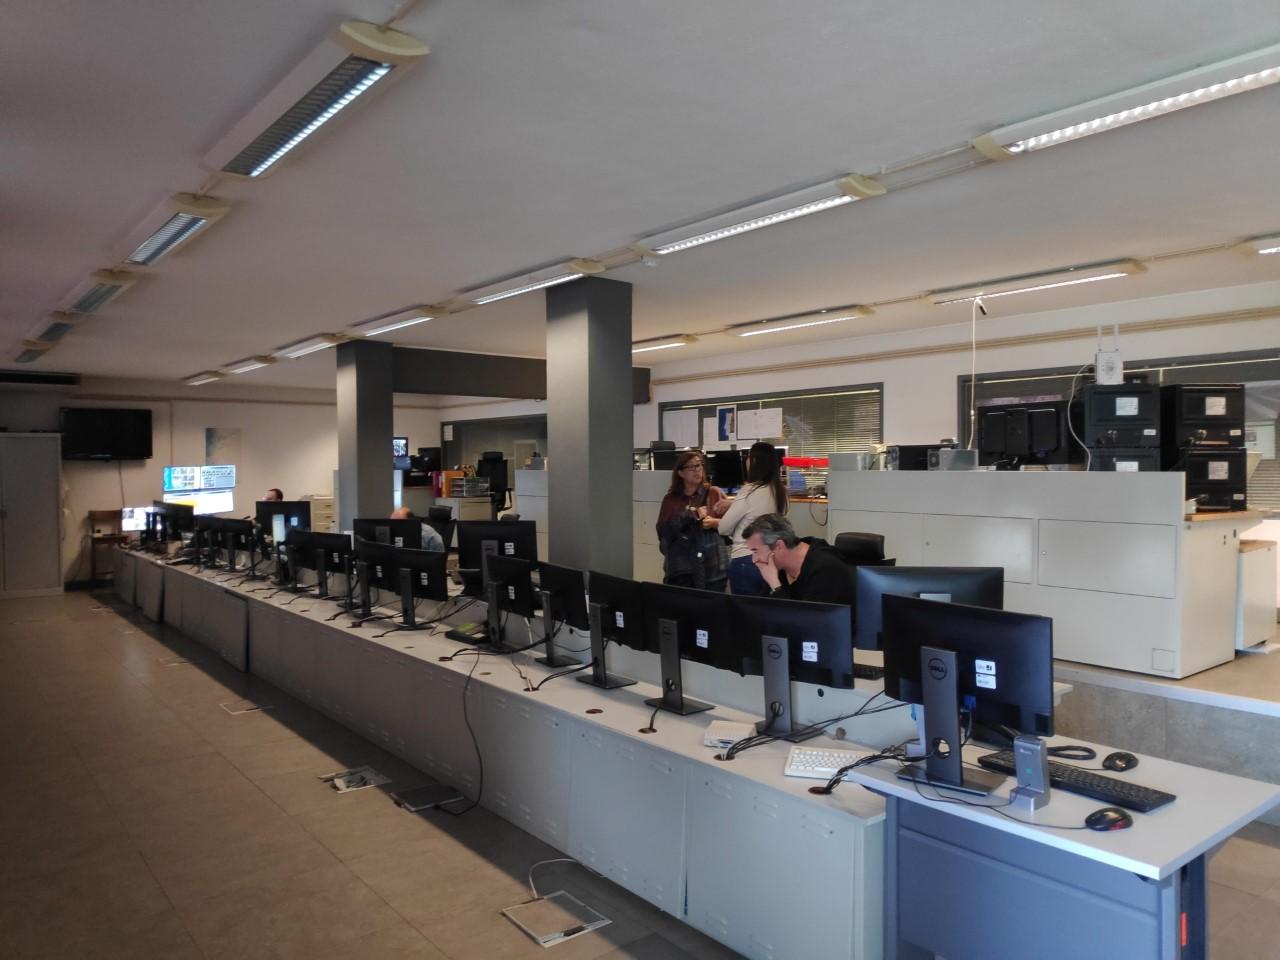 Visita sindical ao  Centro de Controle de Tráfego